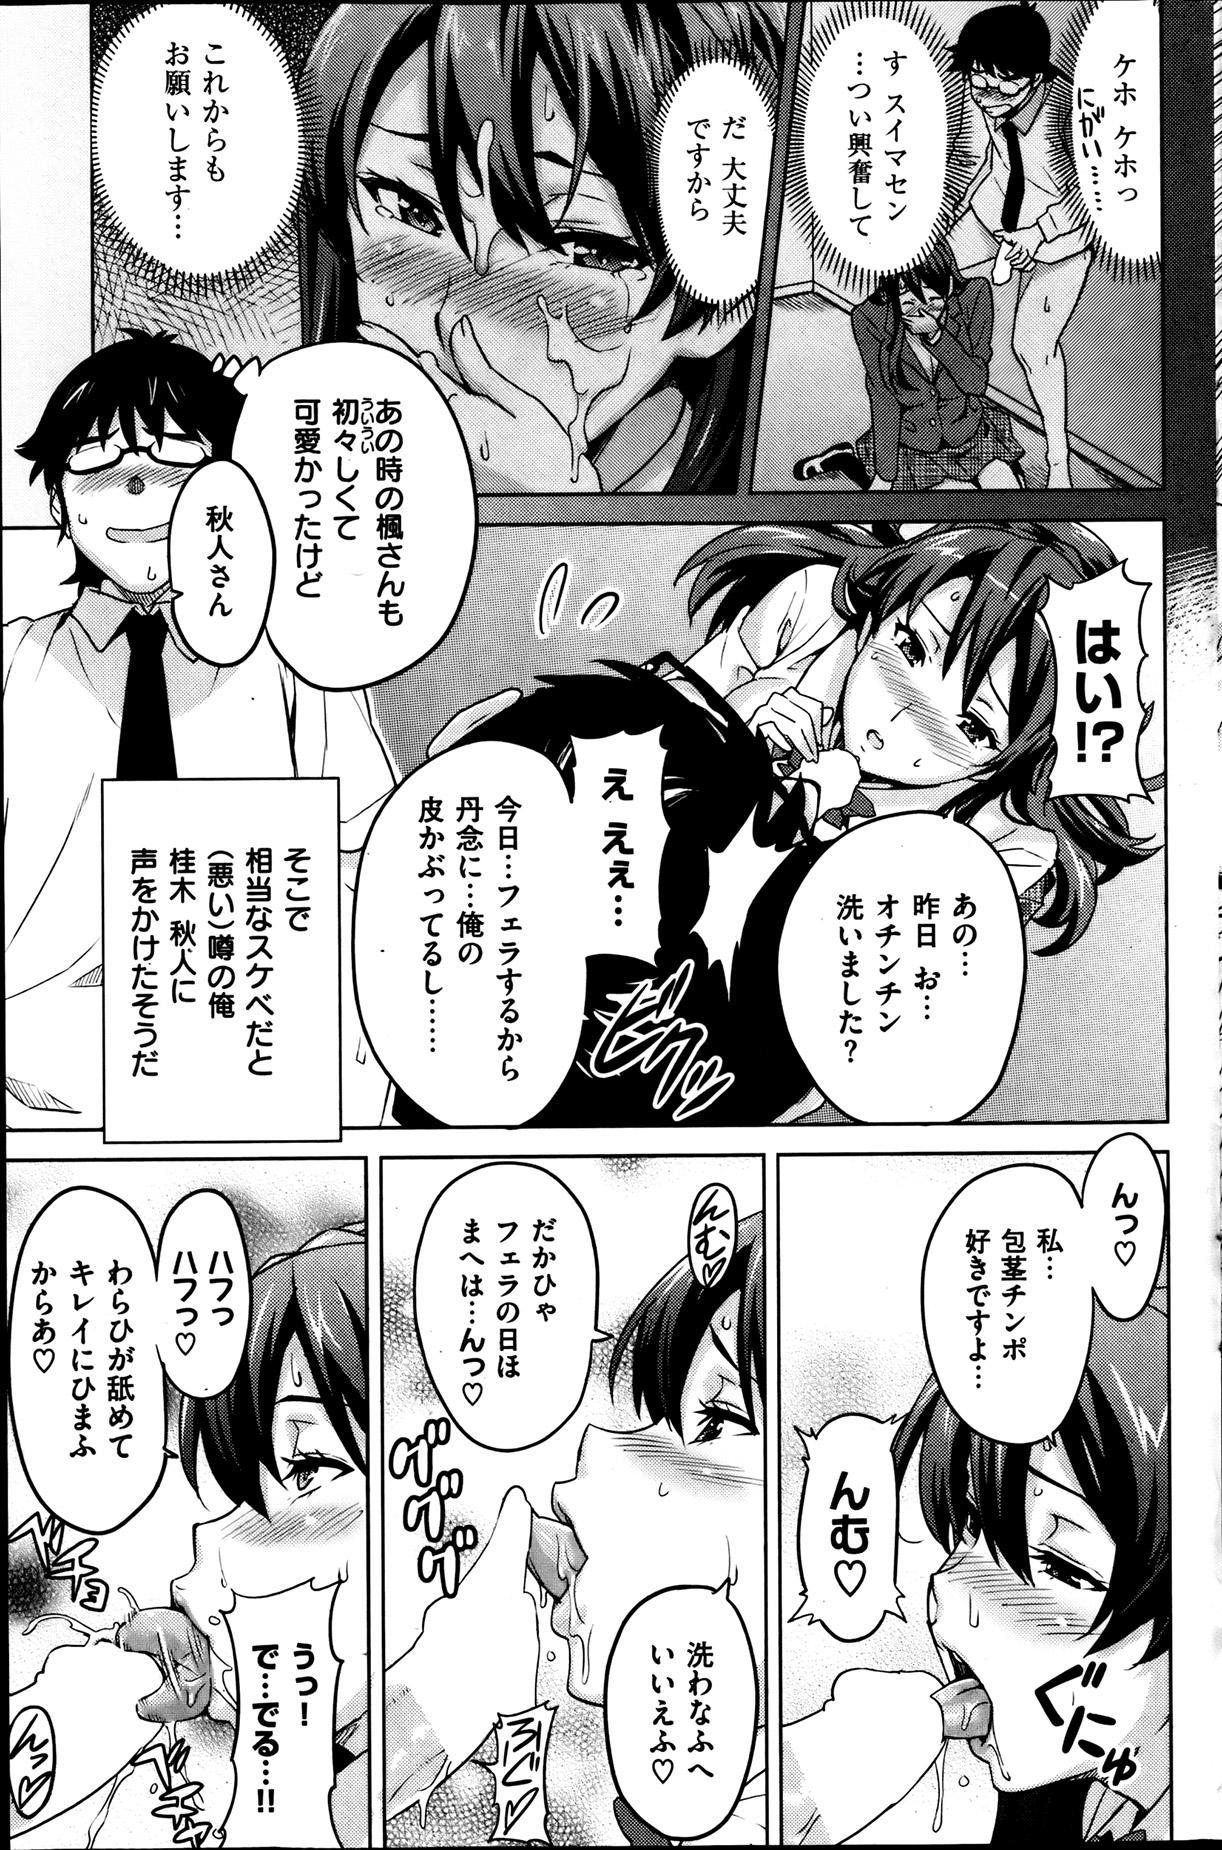 COMIC HANA-MAN 2013-08 Takeda Hiromitsu Tokushuu 166